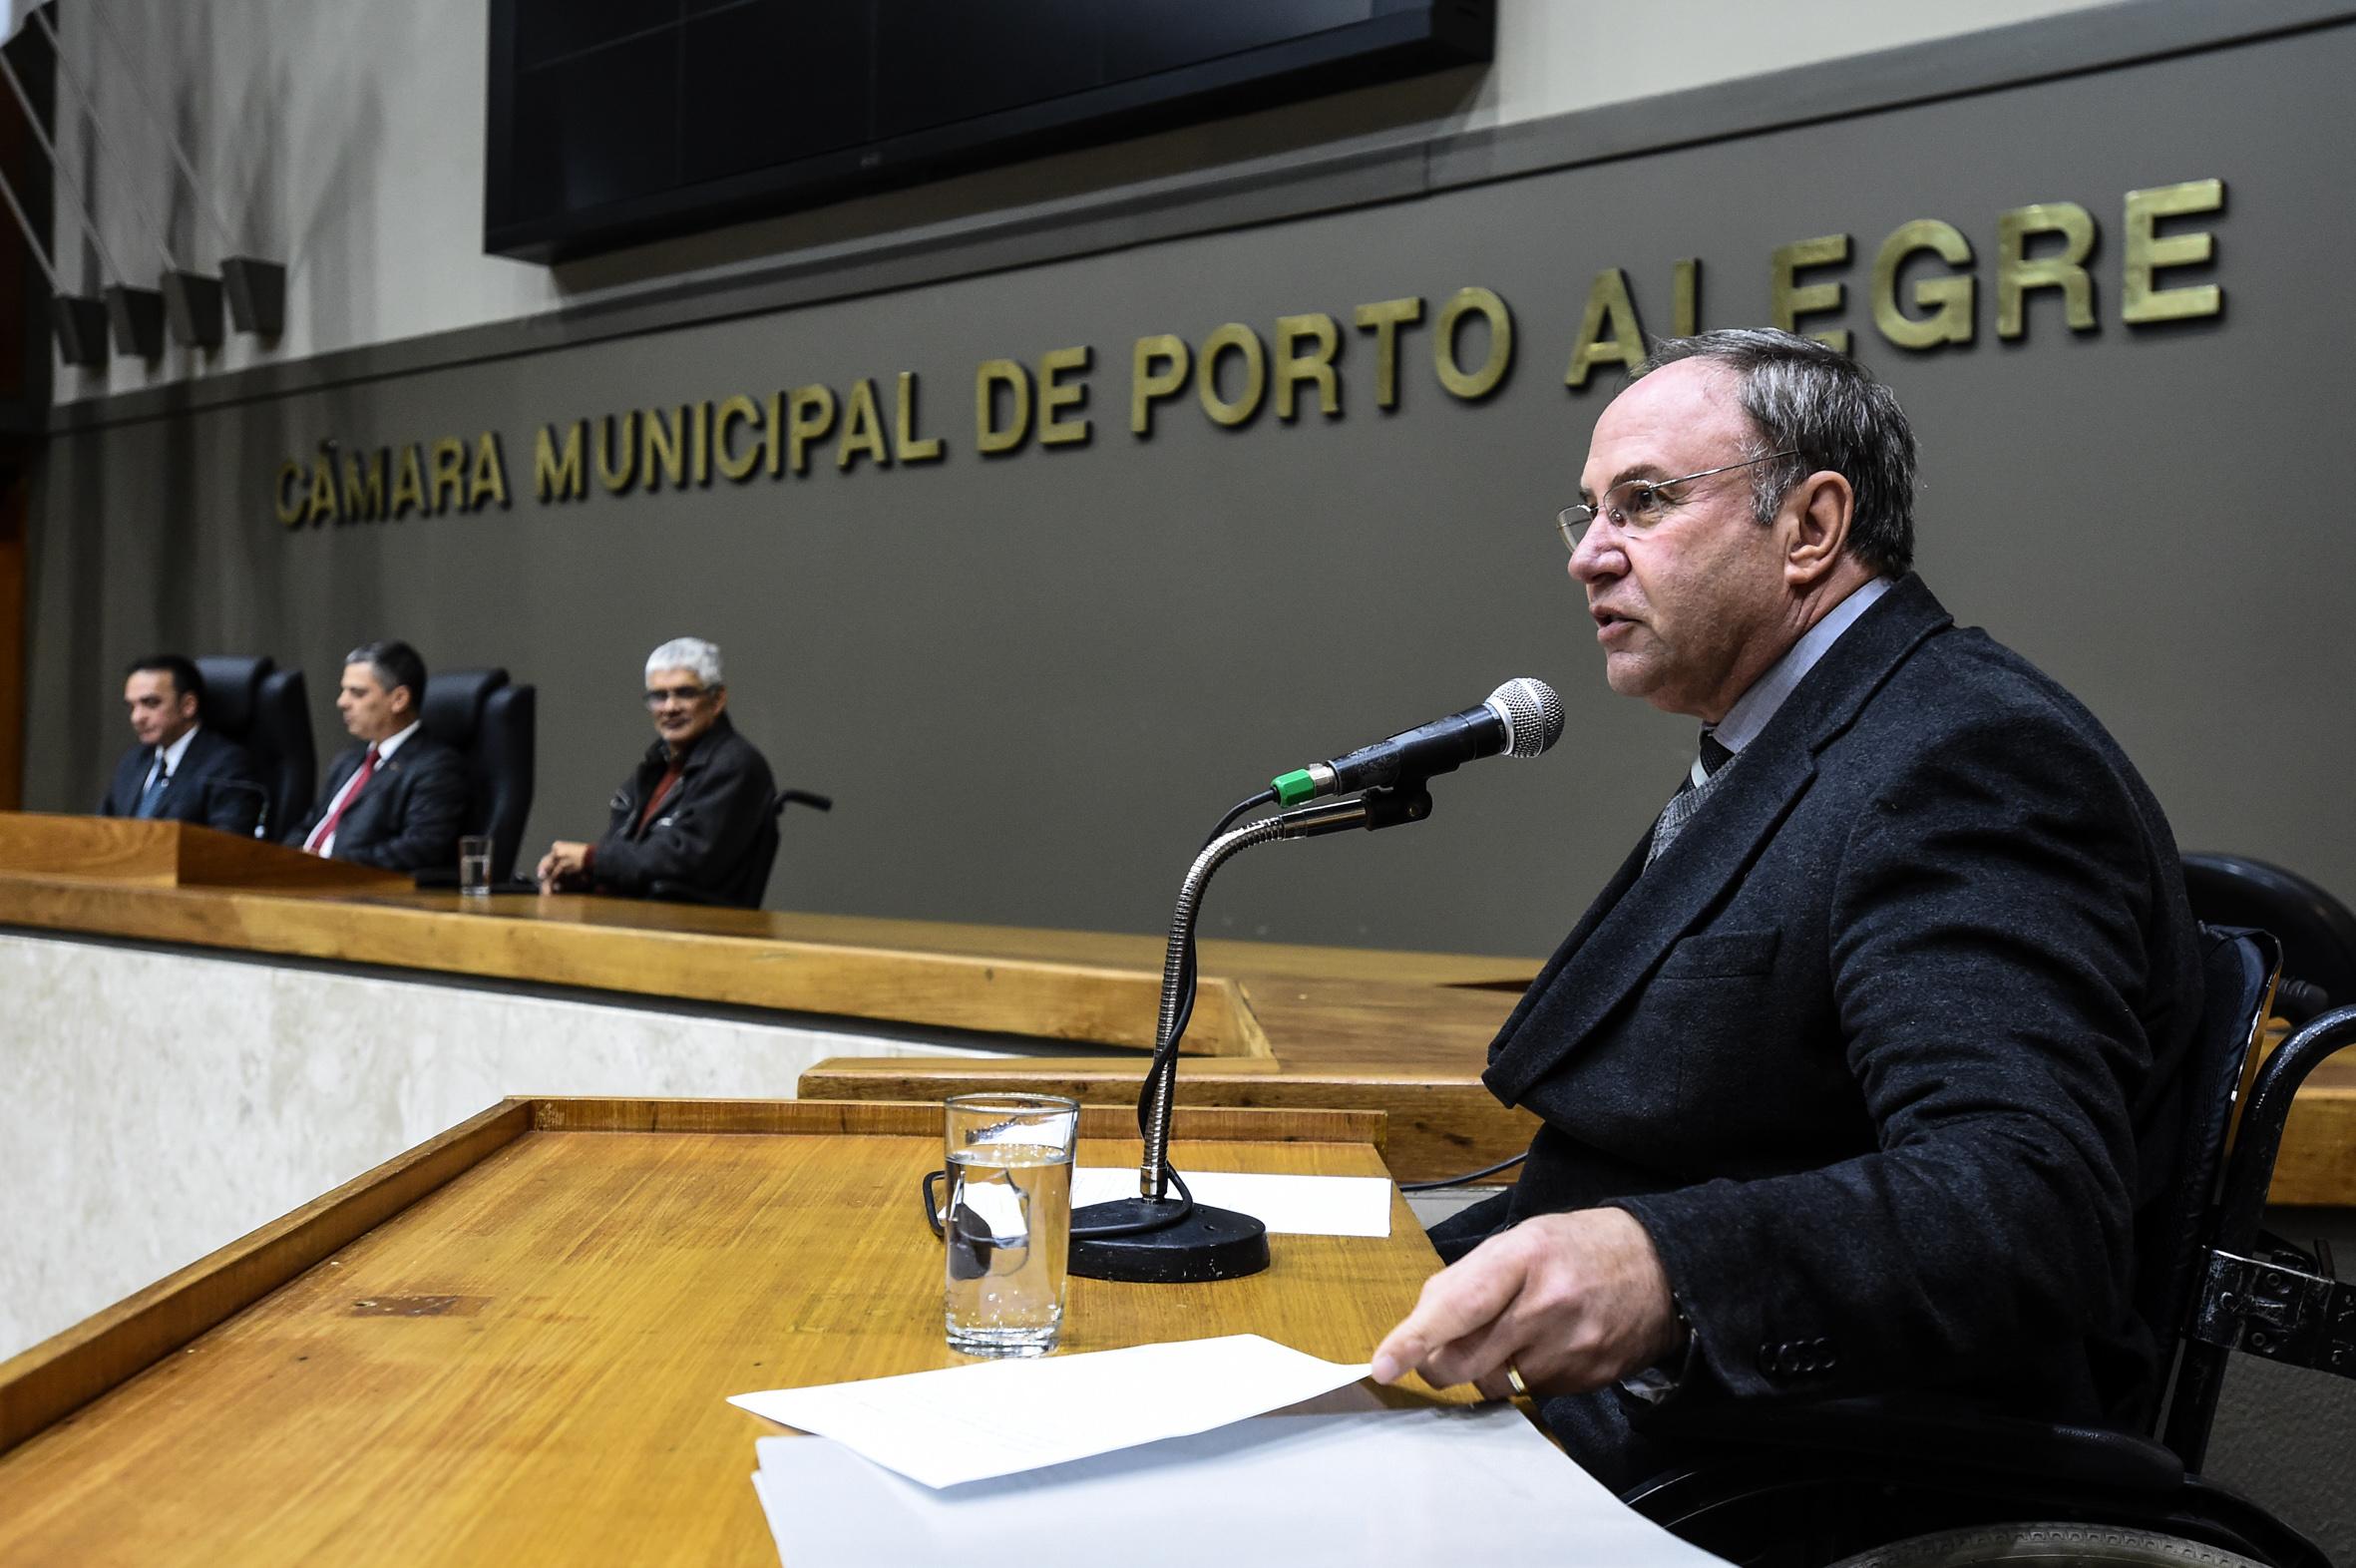 Vereador Paulo Brum é o proponente da solene